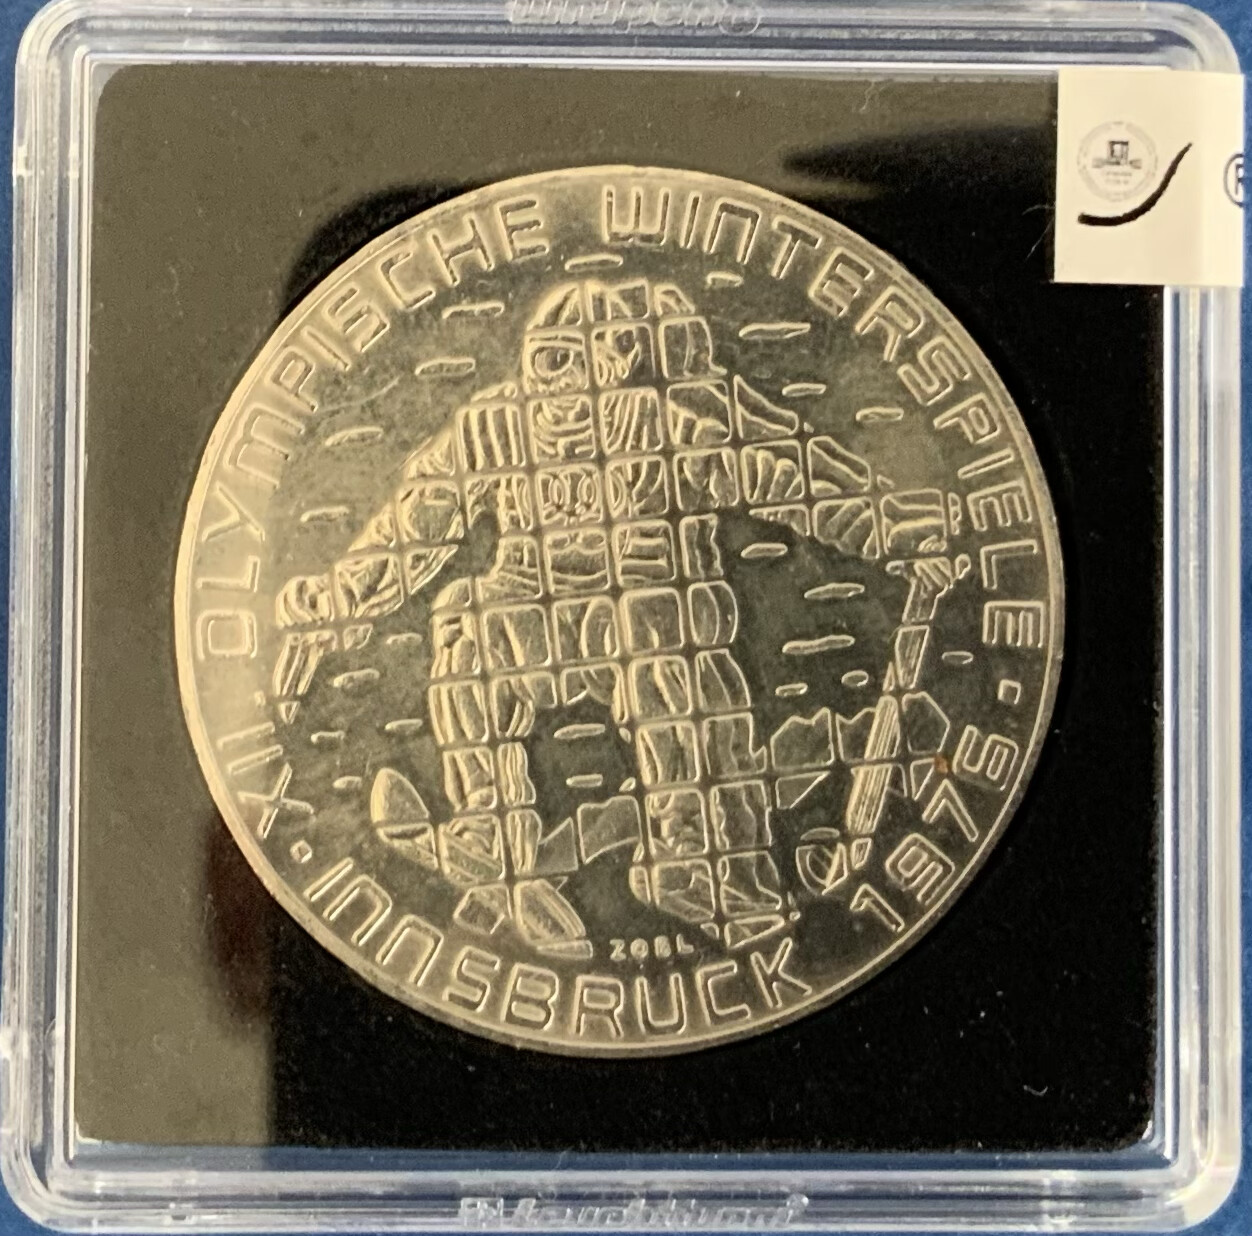 Österreich 100 Schilling XII Olympische Winterspiele Innsbruck 1976